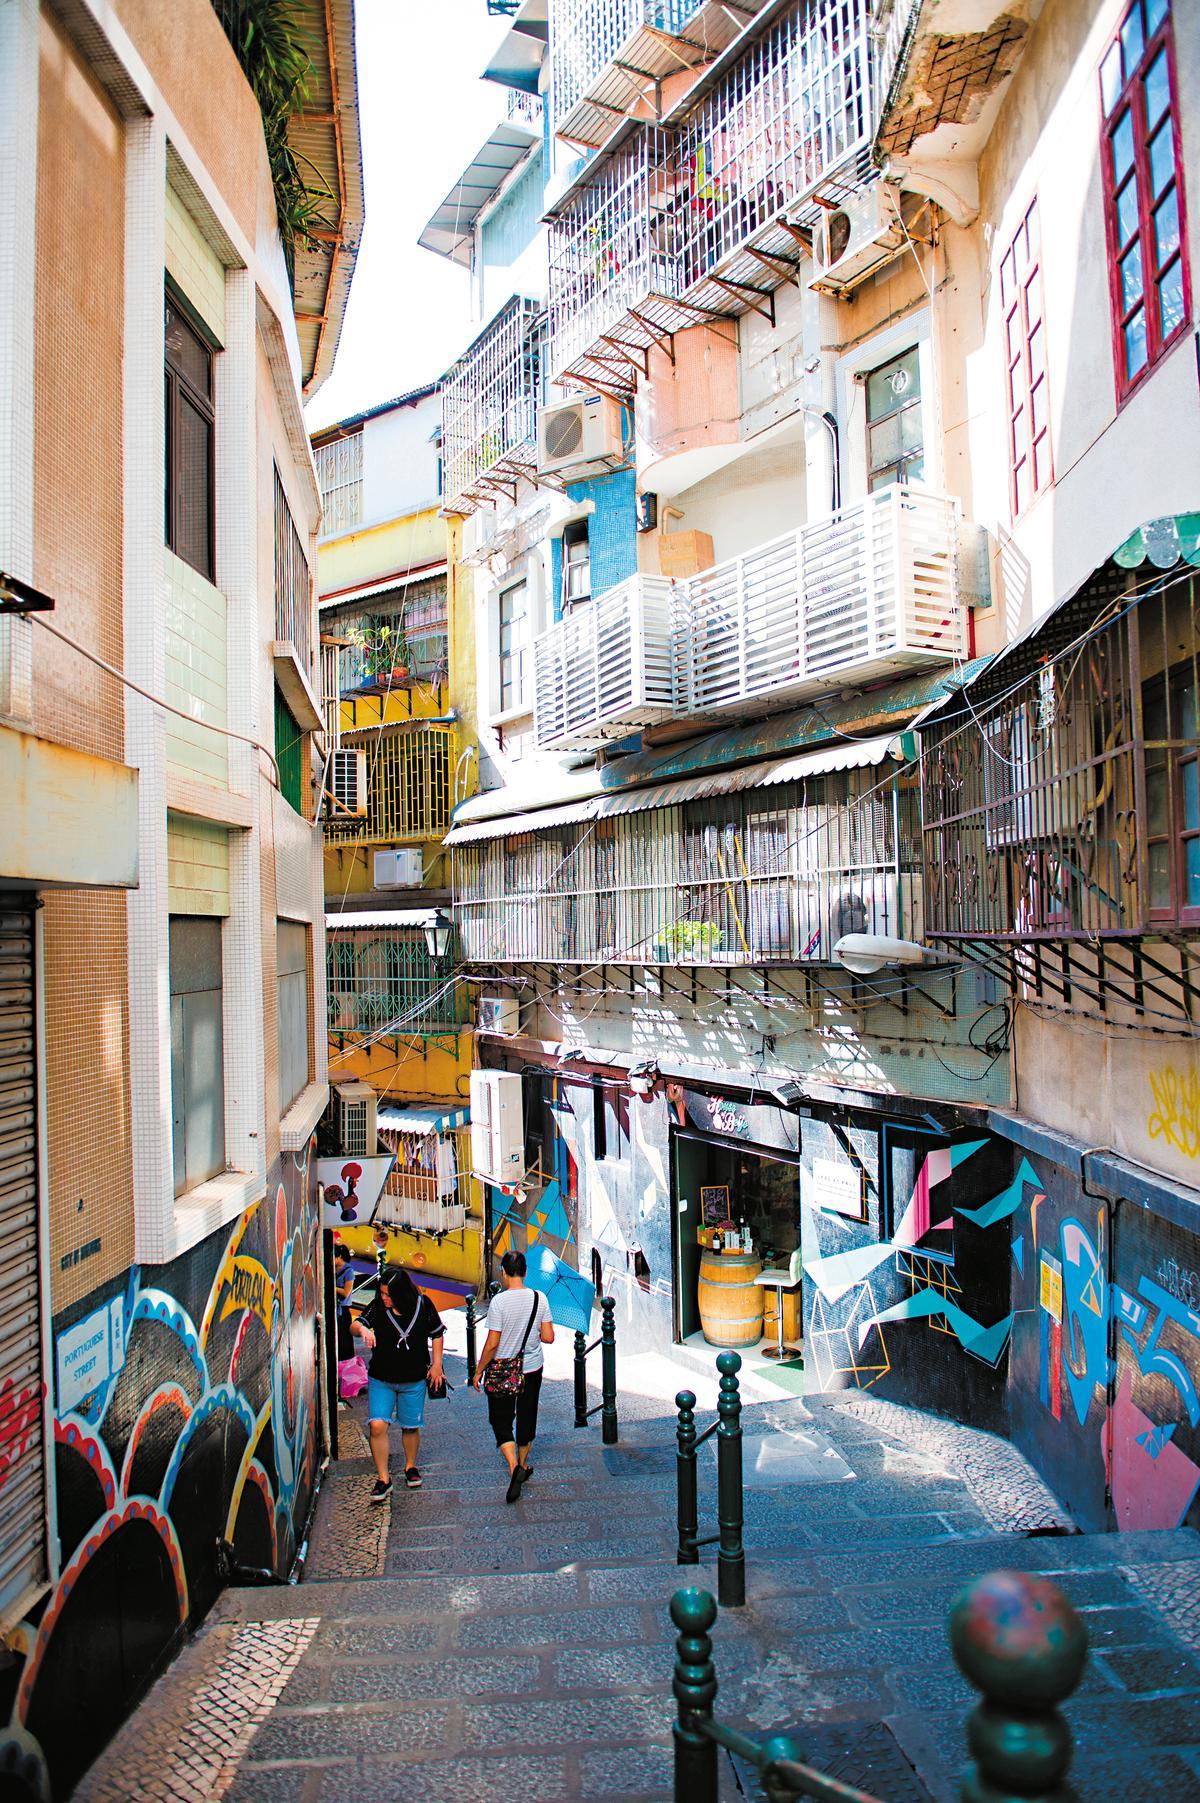 關前街巷弄可見塗鴉創作。